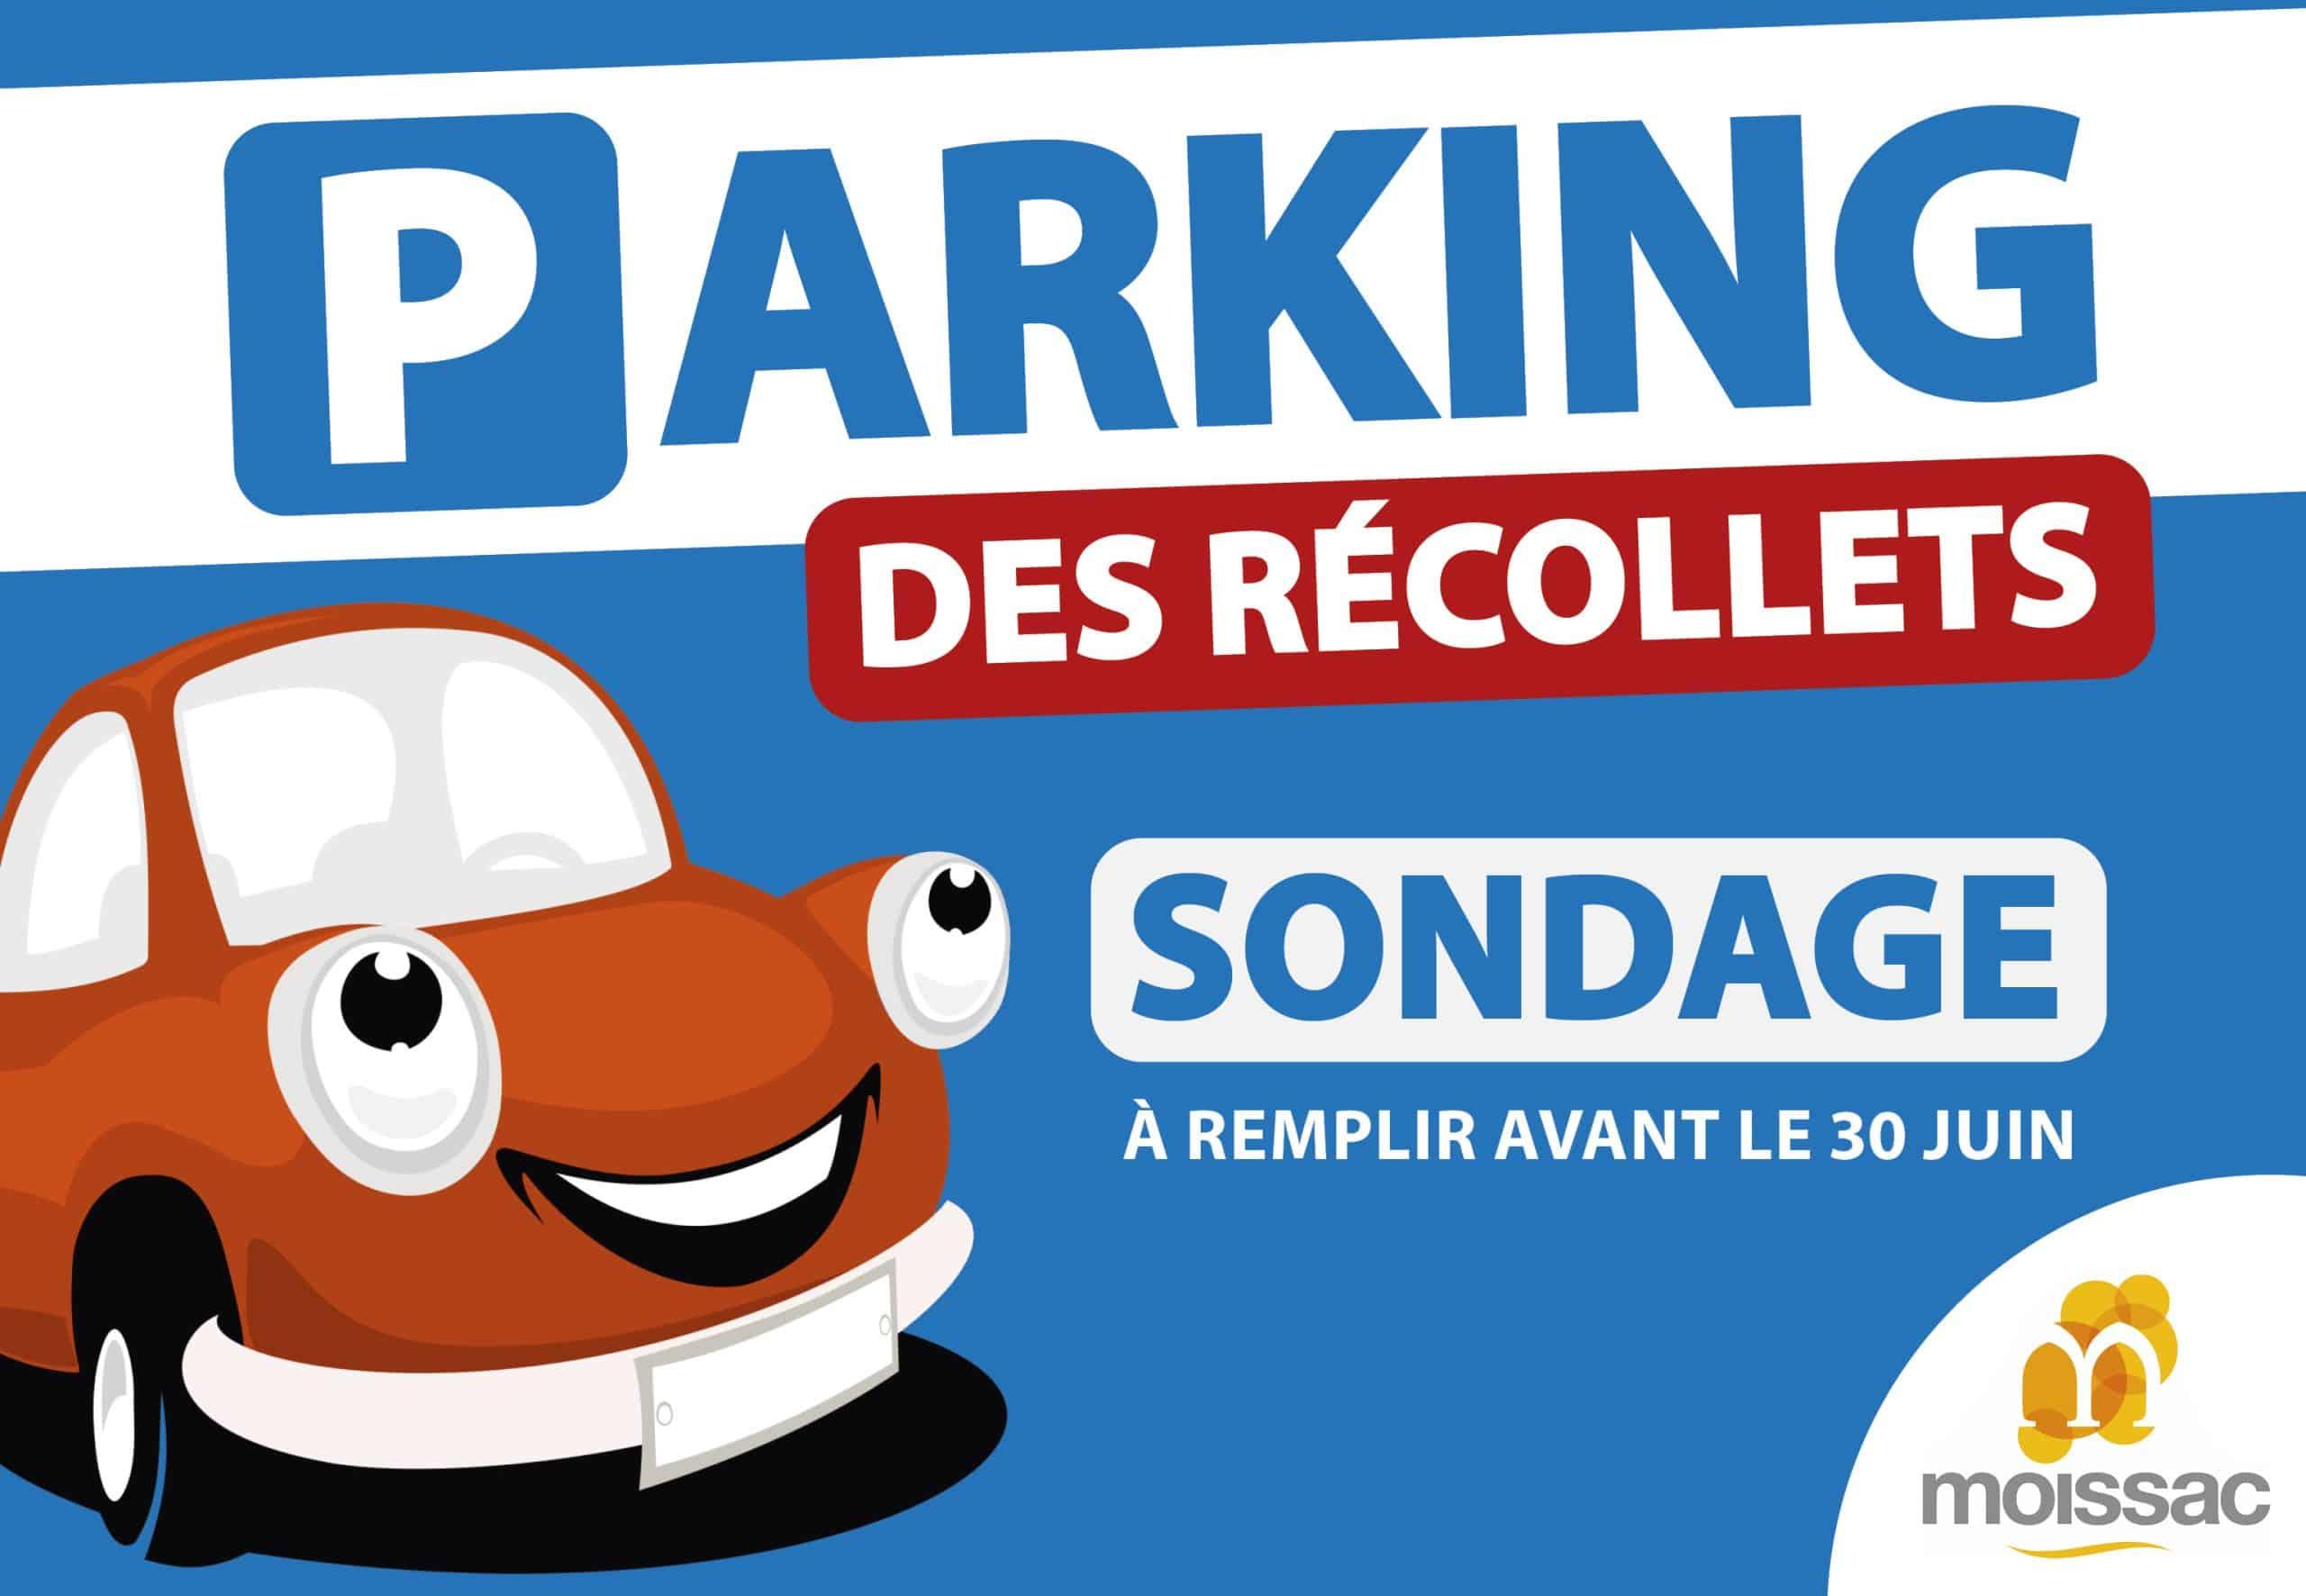 La mairie de Moissac lance une consultation pour son parking gratuit place des Récollets. ©Mairie de Moissac